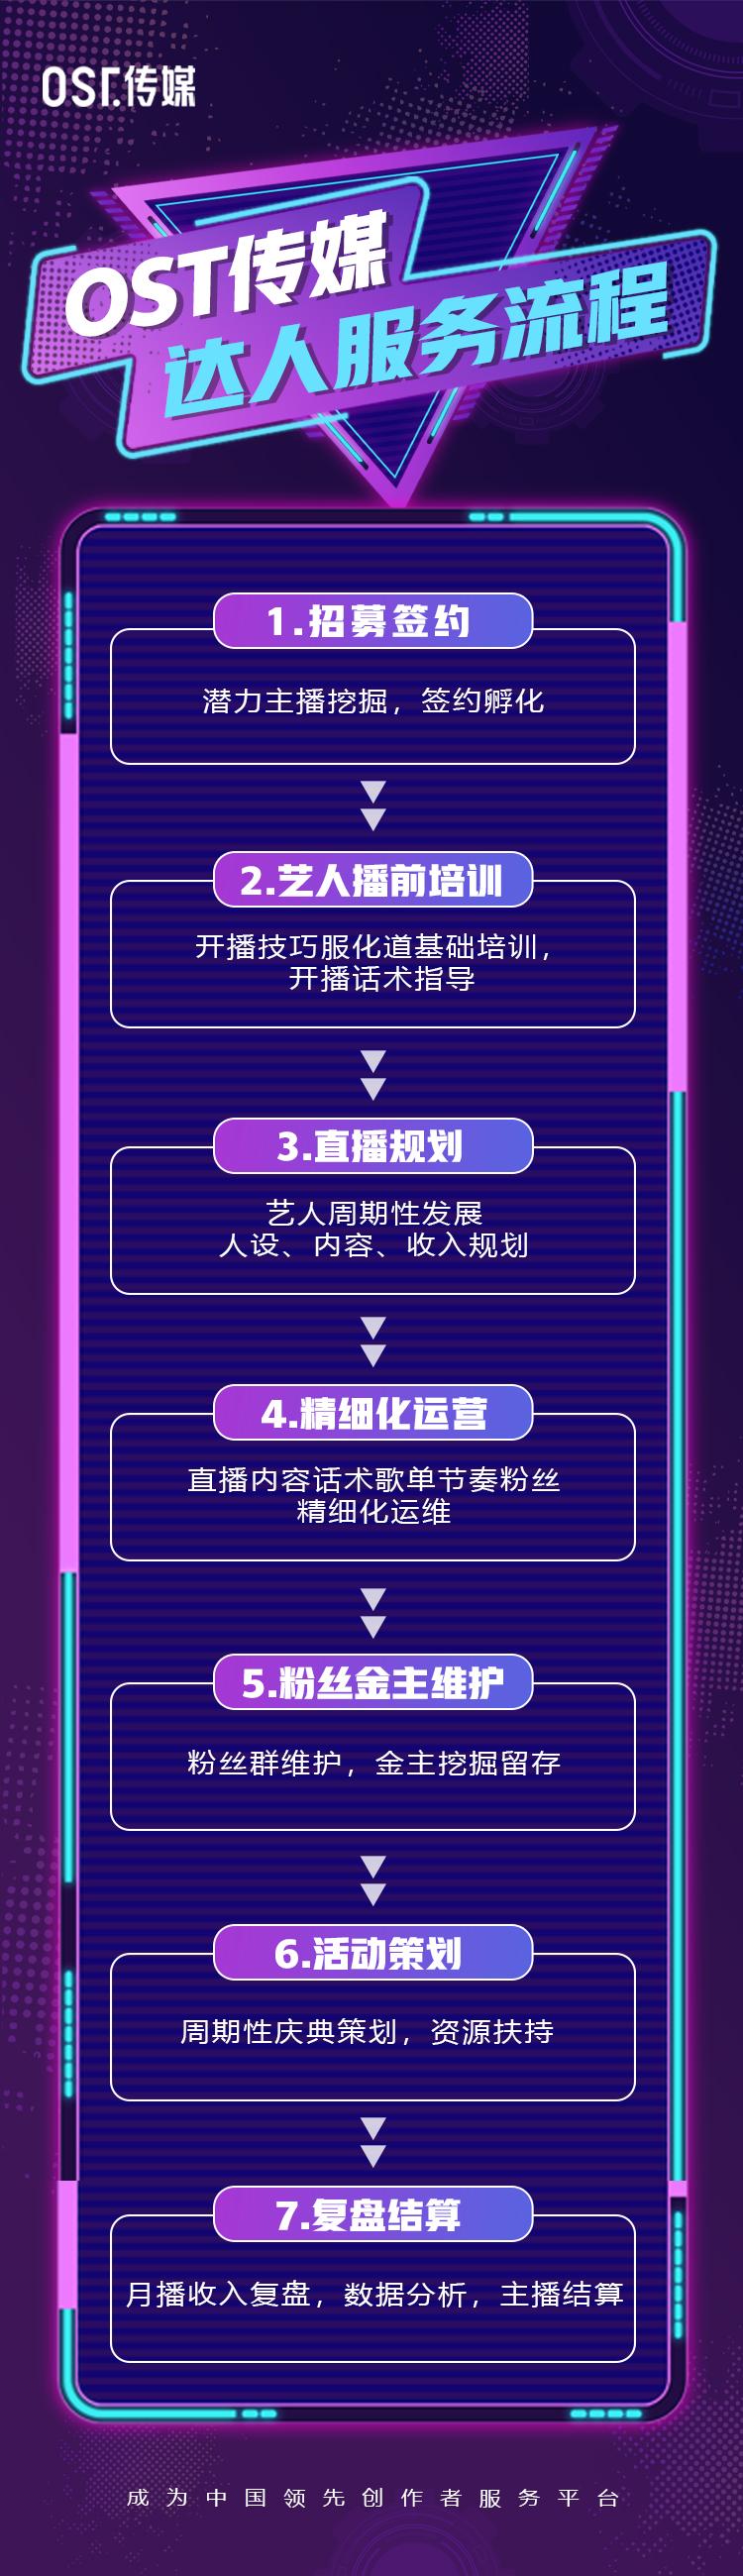 OST传媒达人服务流程第1张